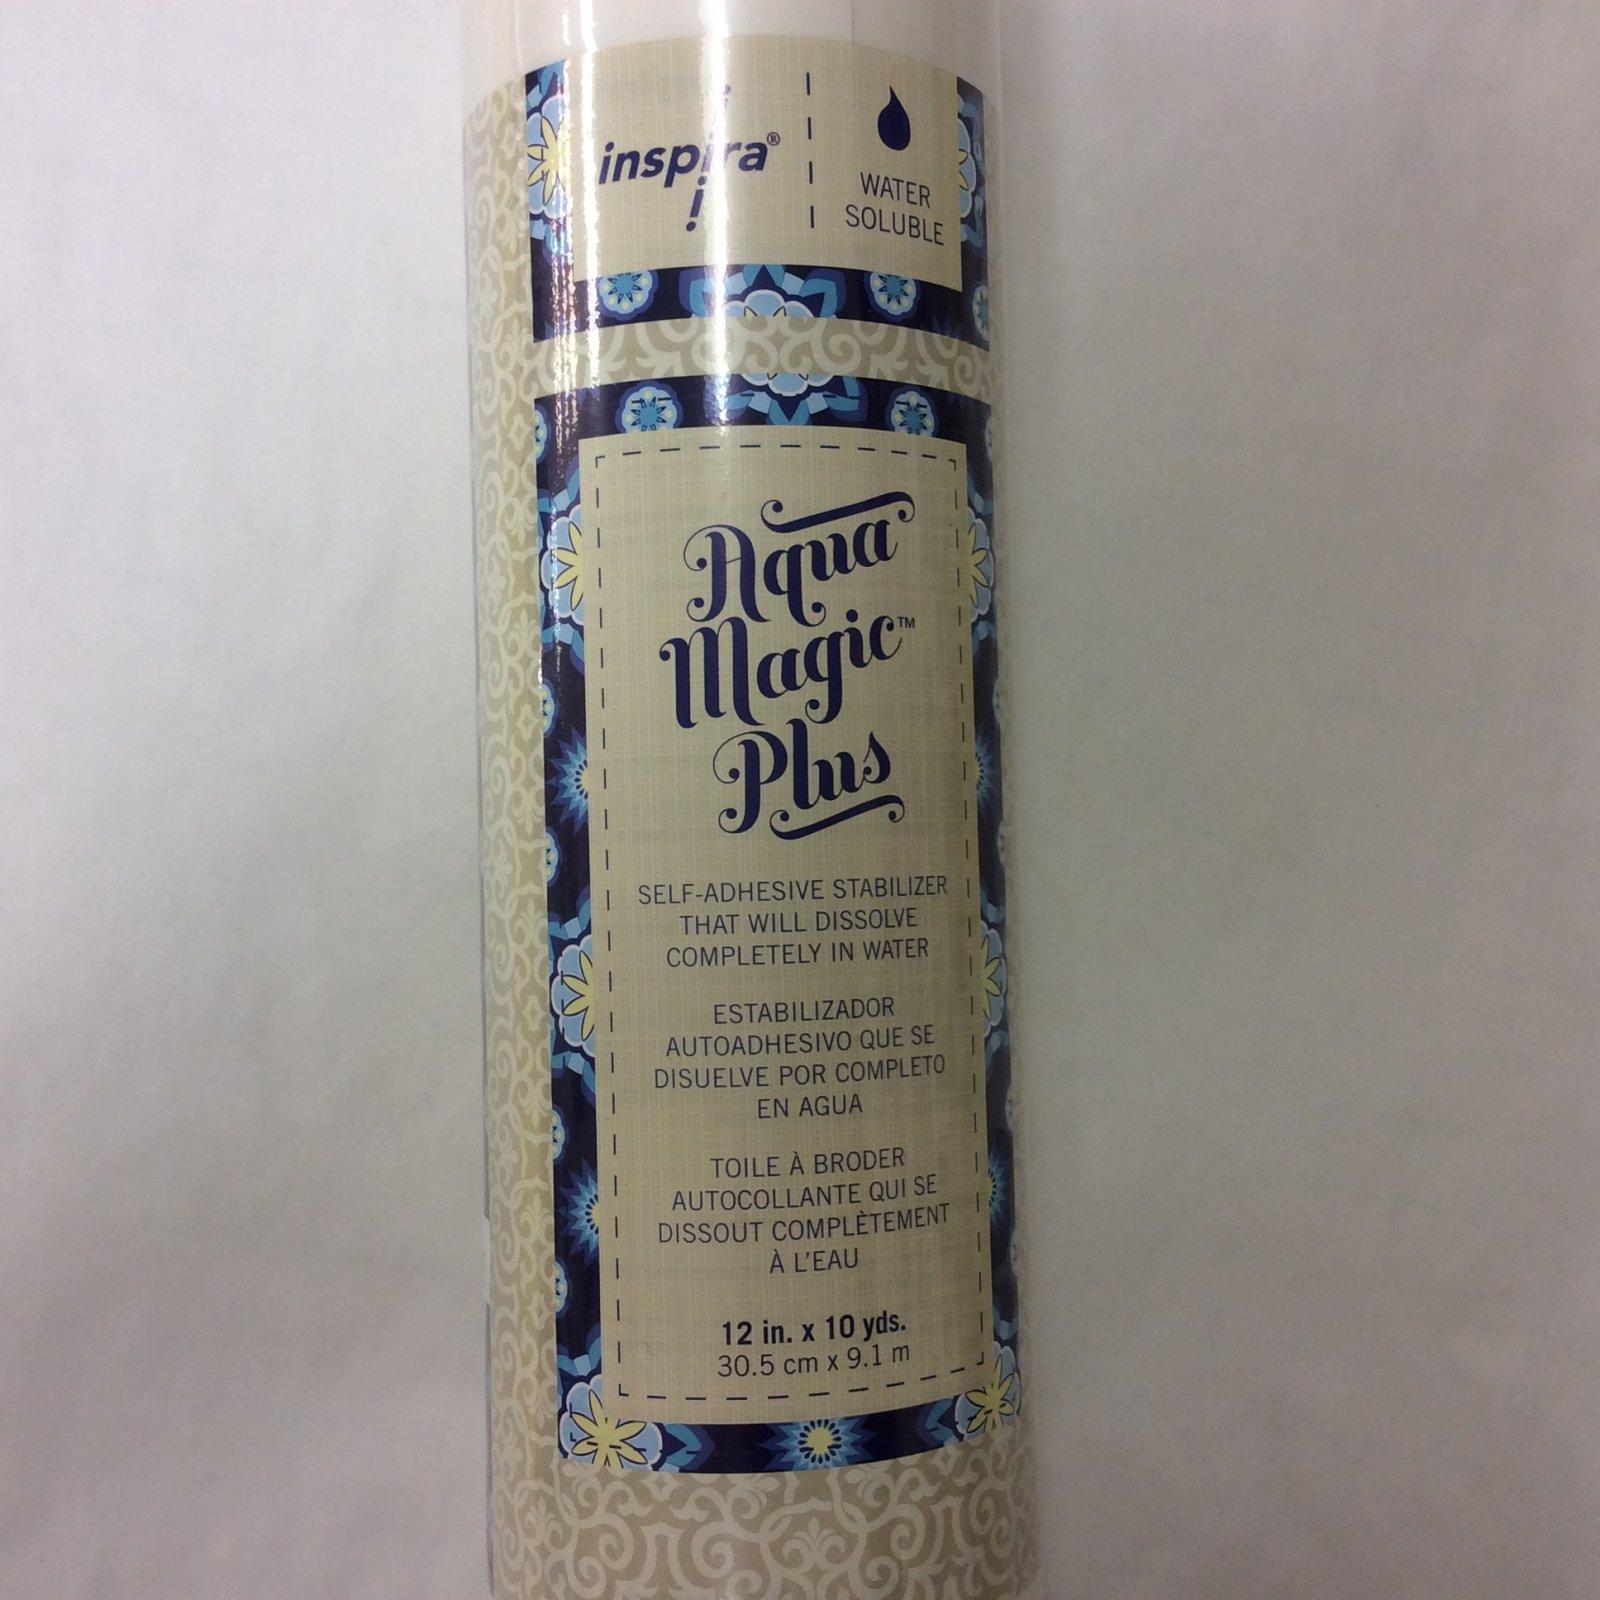 Inspira Aqua Magic Plus Stabilizer